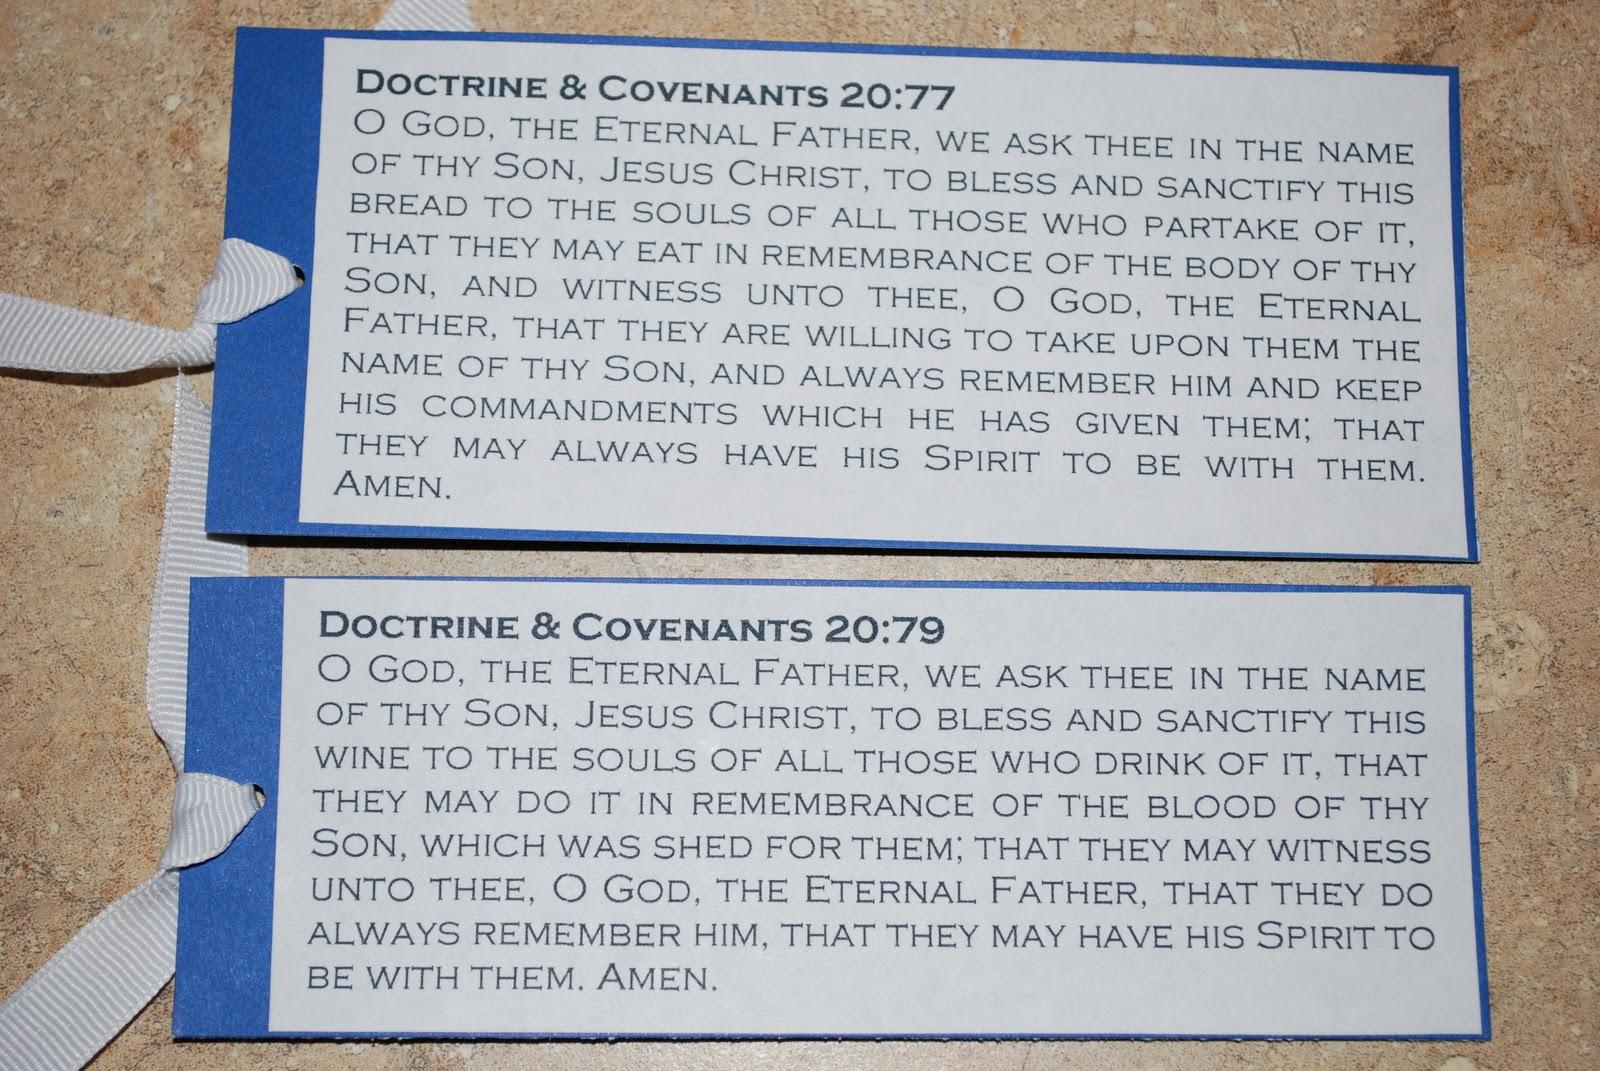 Http fullnessoftimes blogspot com 2007 07 sacrament prayers compared